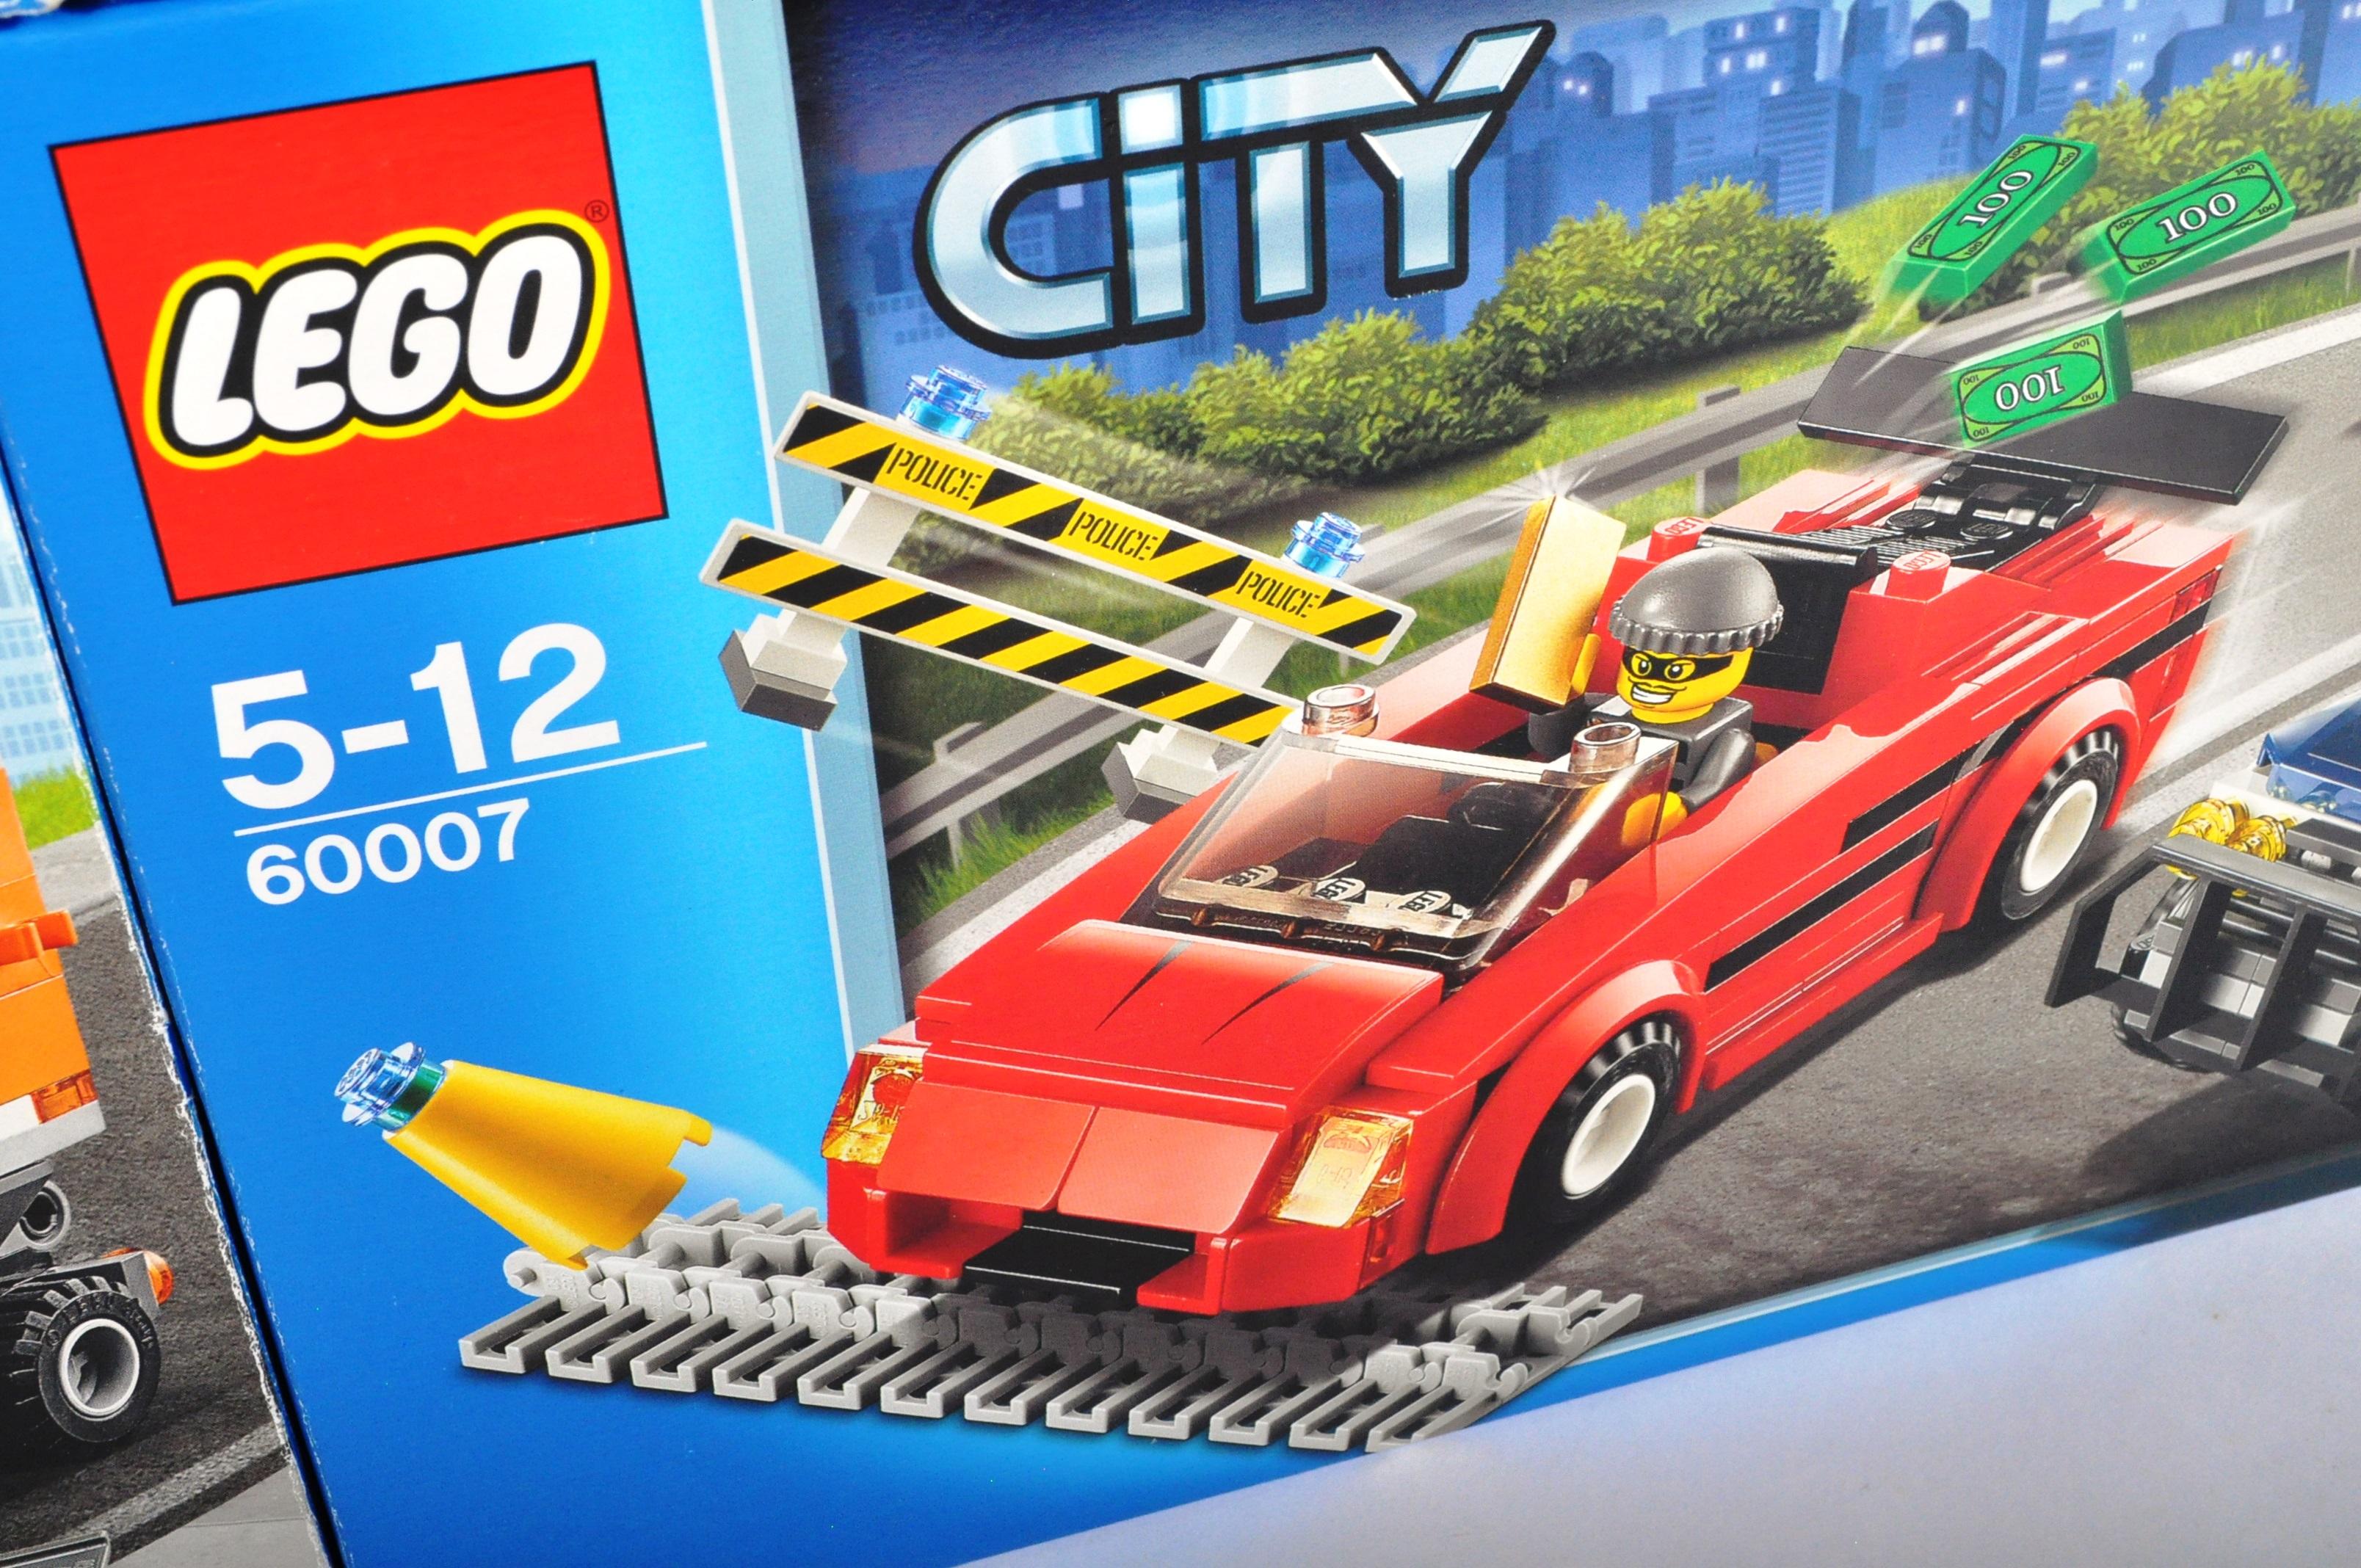 LEGO SETS - LEGO CITY - 60023 / 60084 / 60158 / 7936 / 60118 / 60057 / 7990 / 60007 - Image 4 of 5